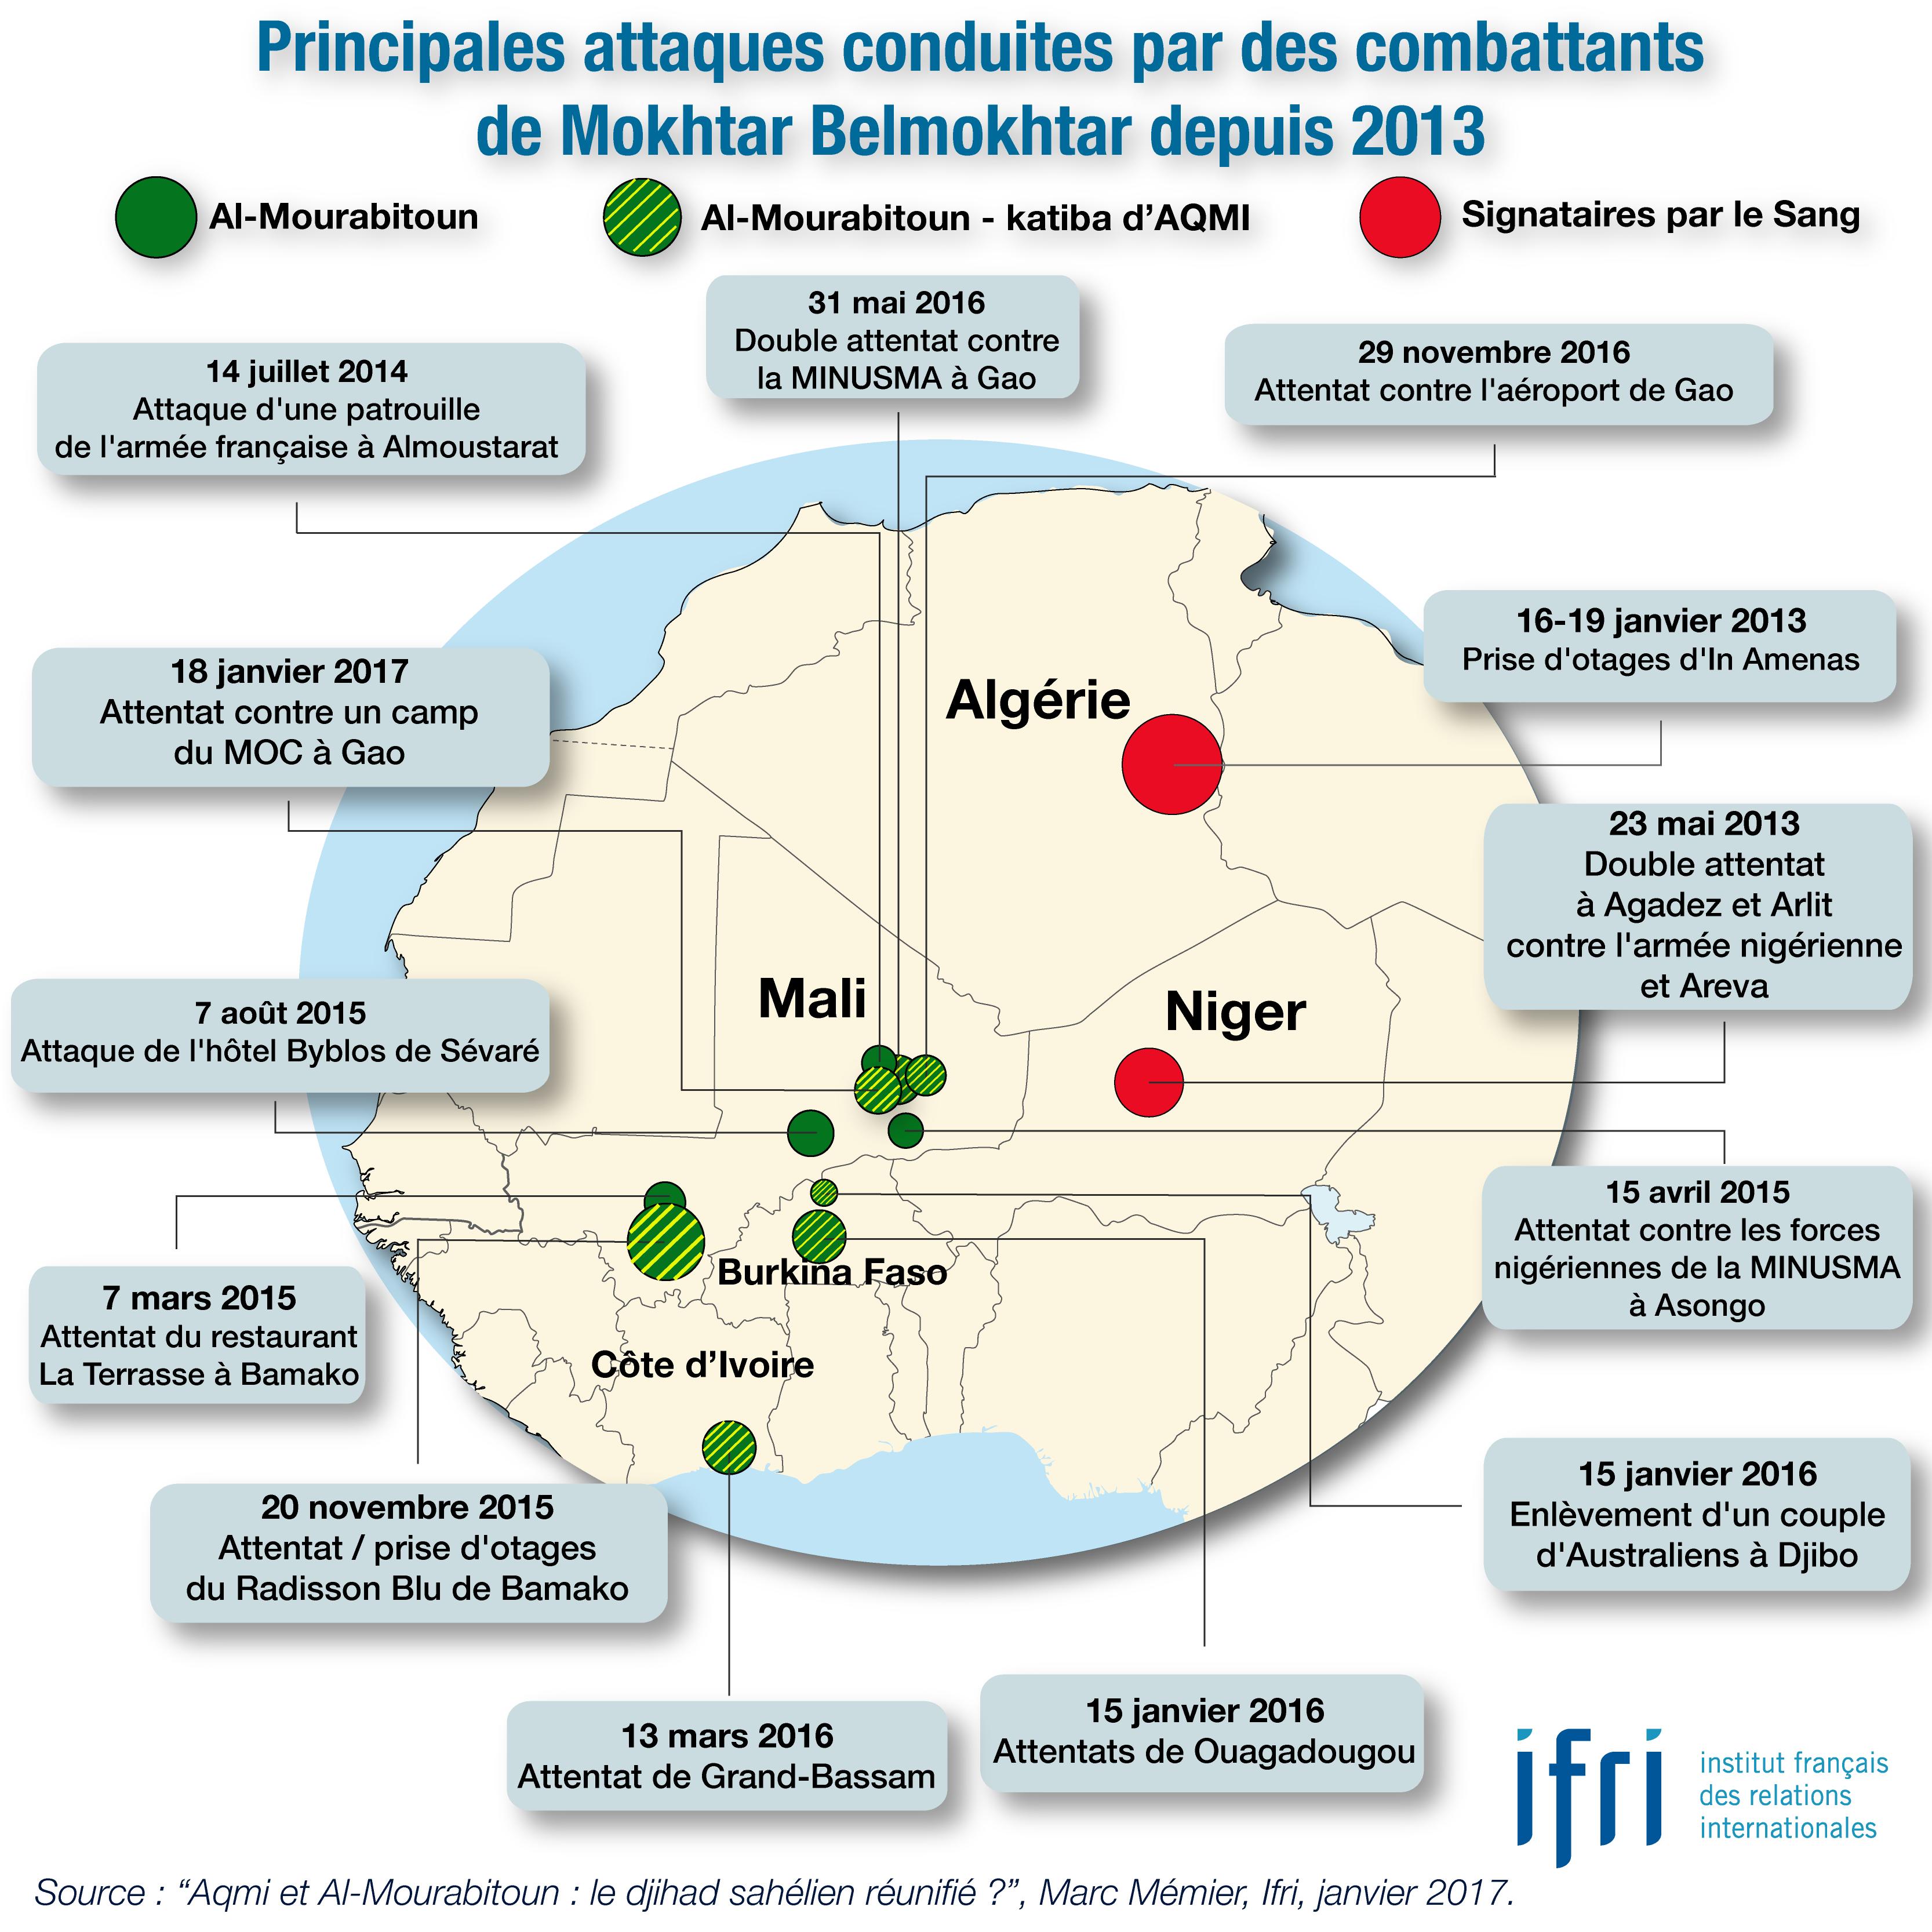 actualisee_-_01-17_carte_attentats_afrique_al_mourabitoune-01.png